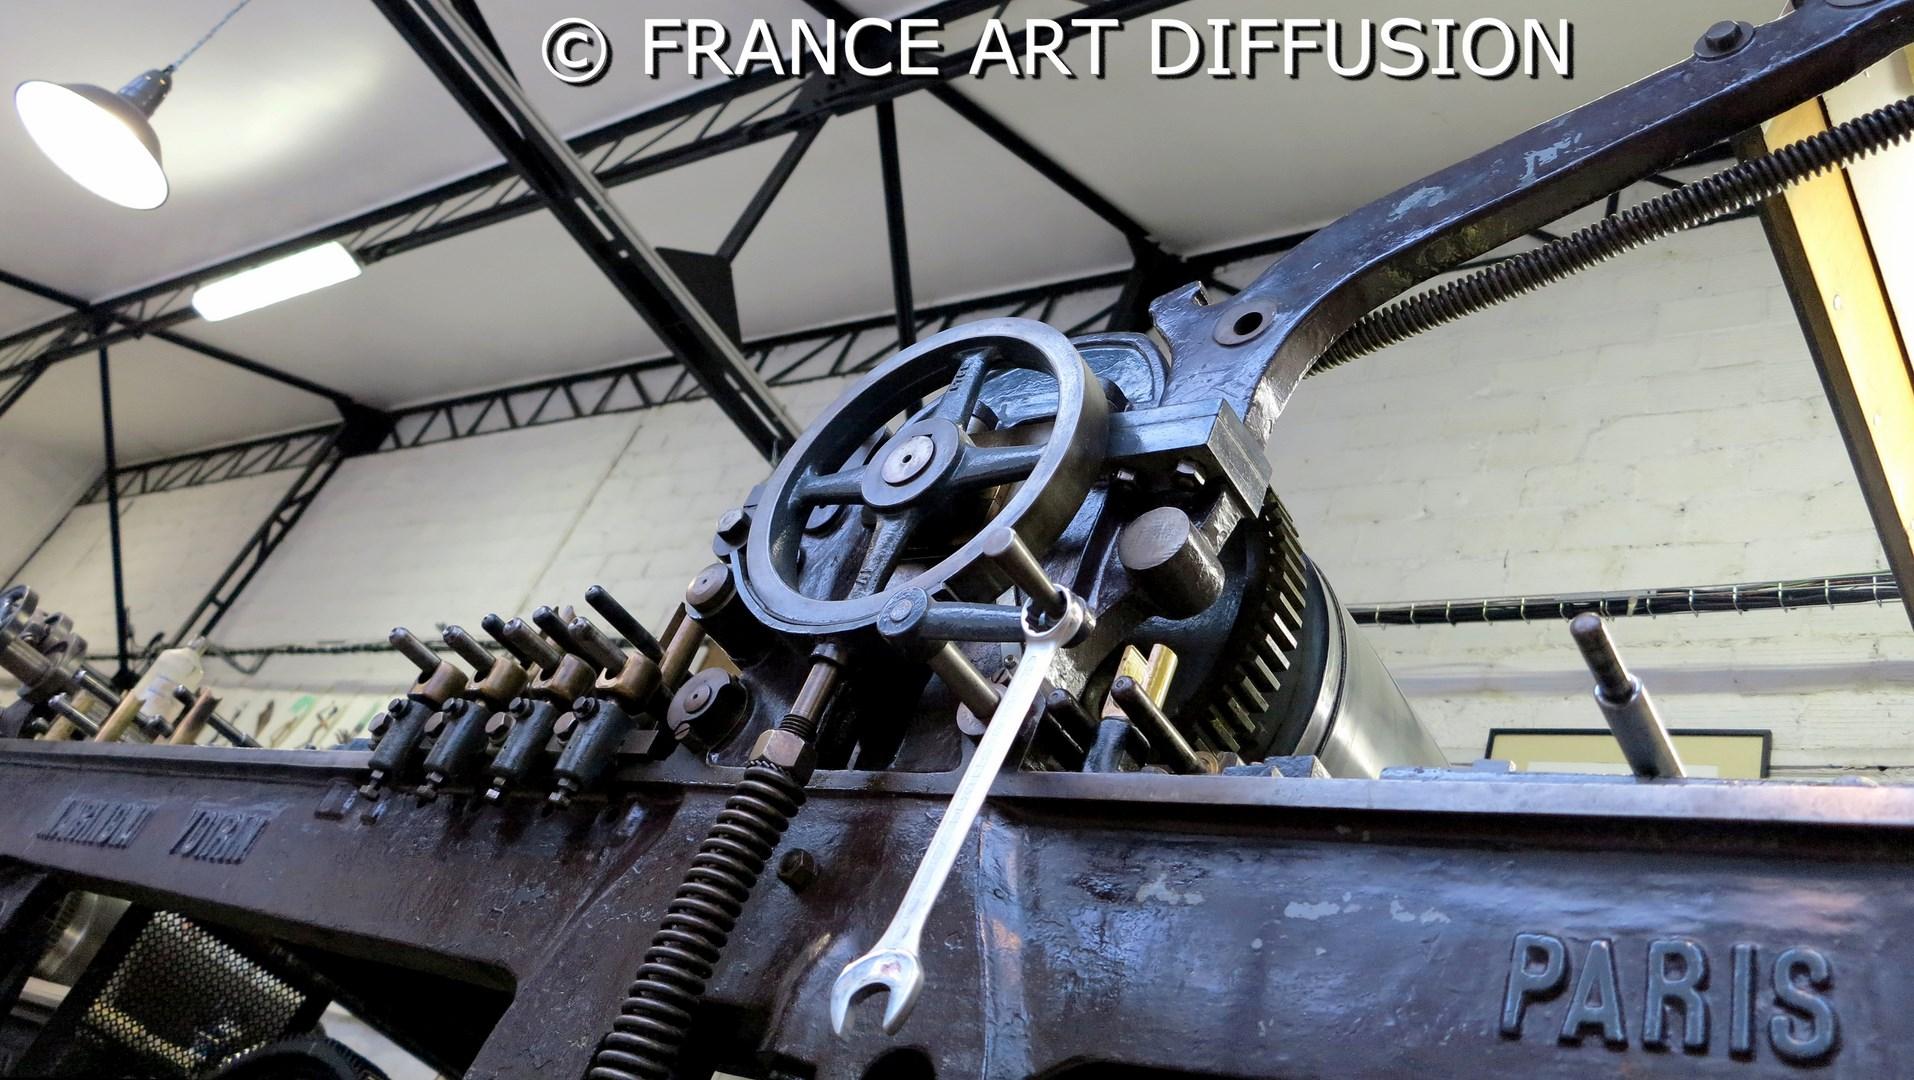 FRANCE ART DIFFUSION